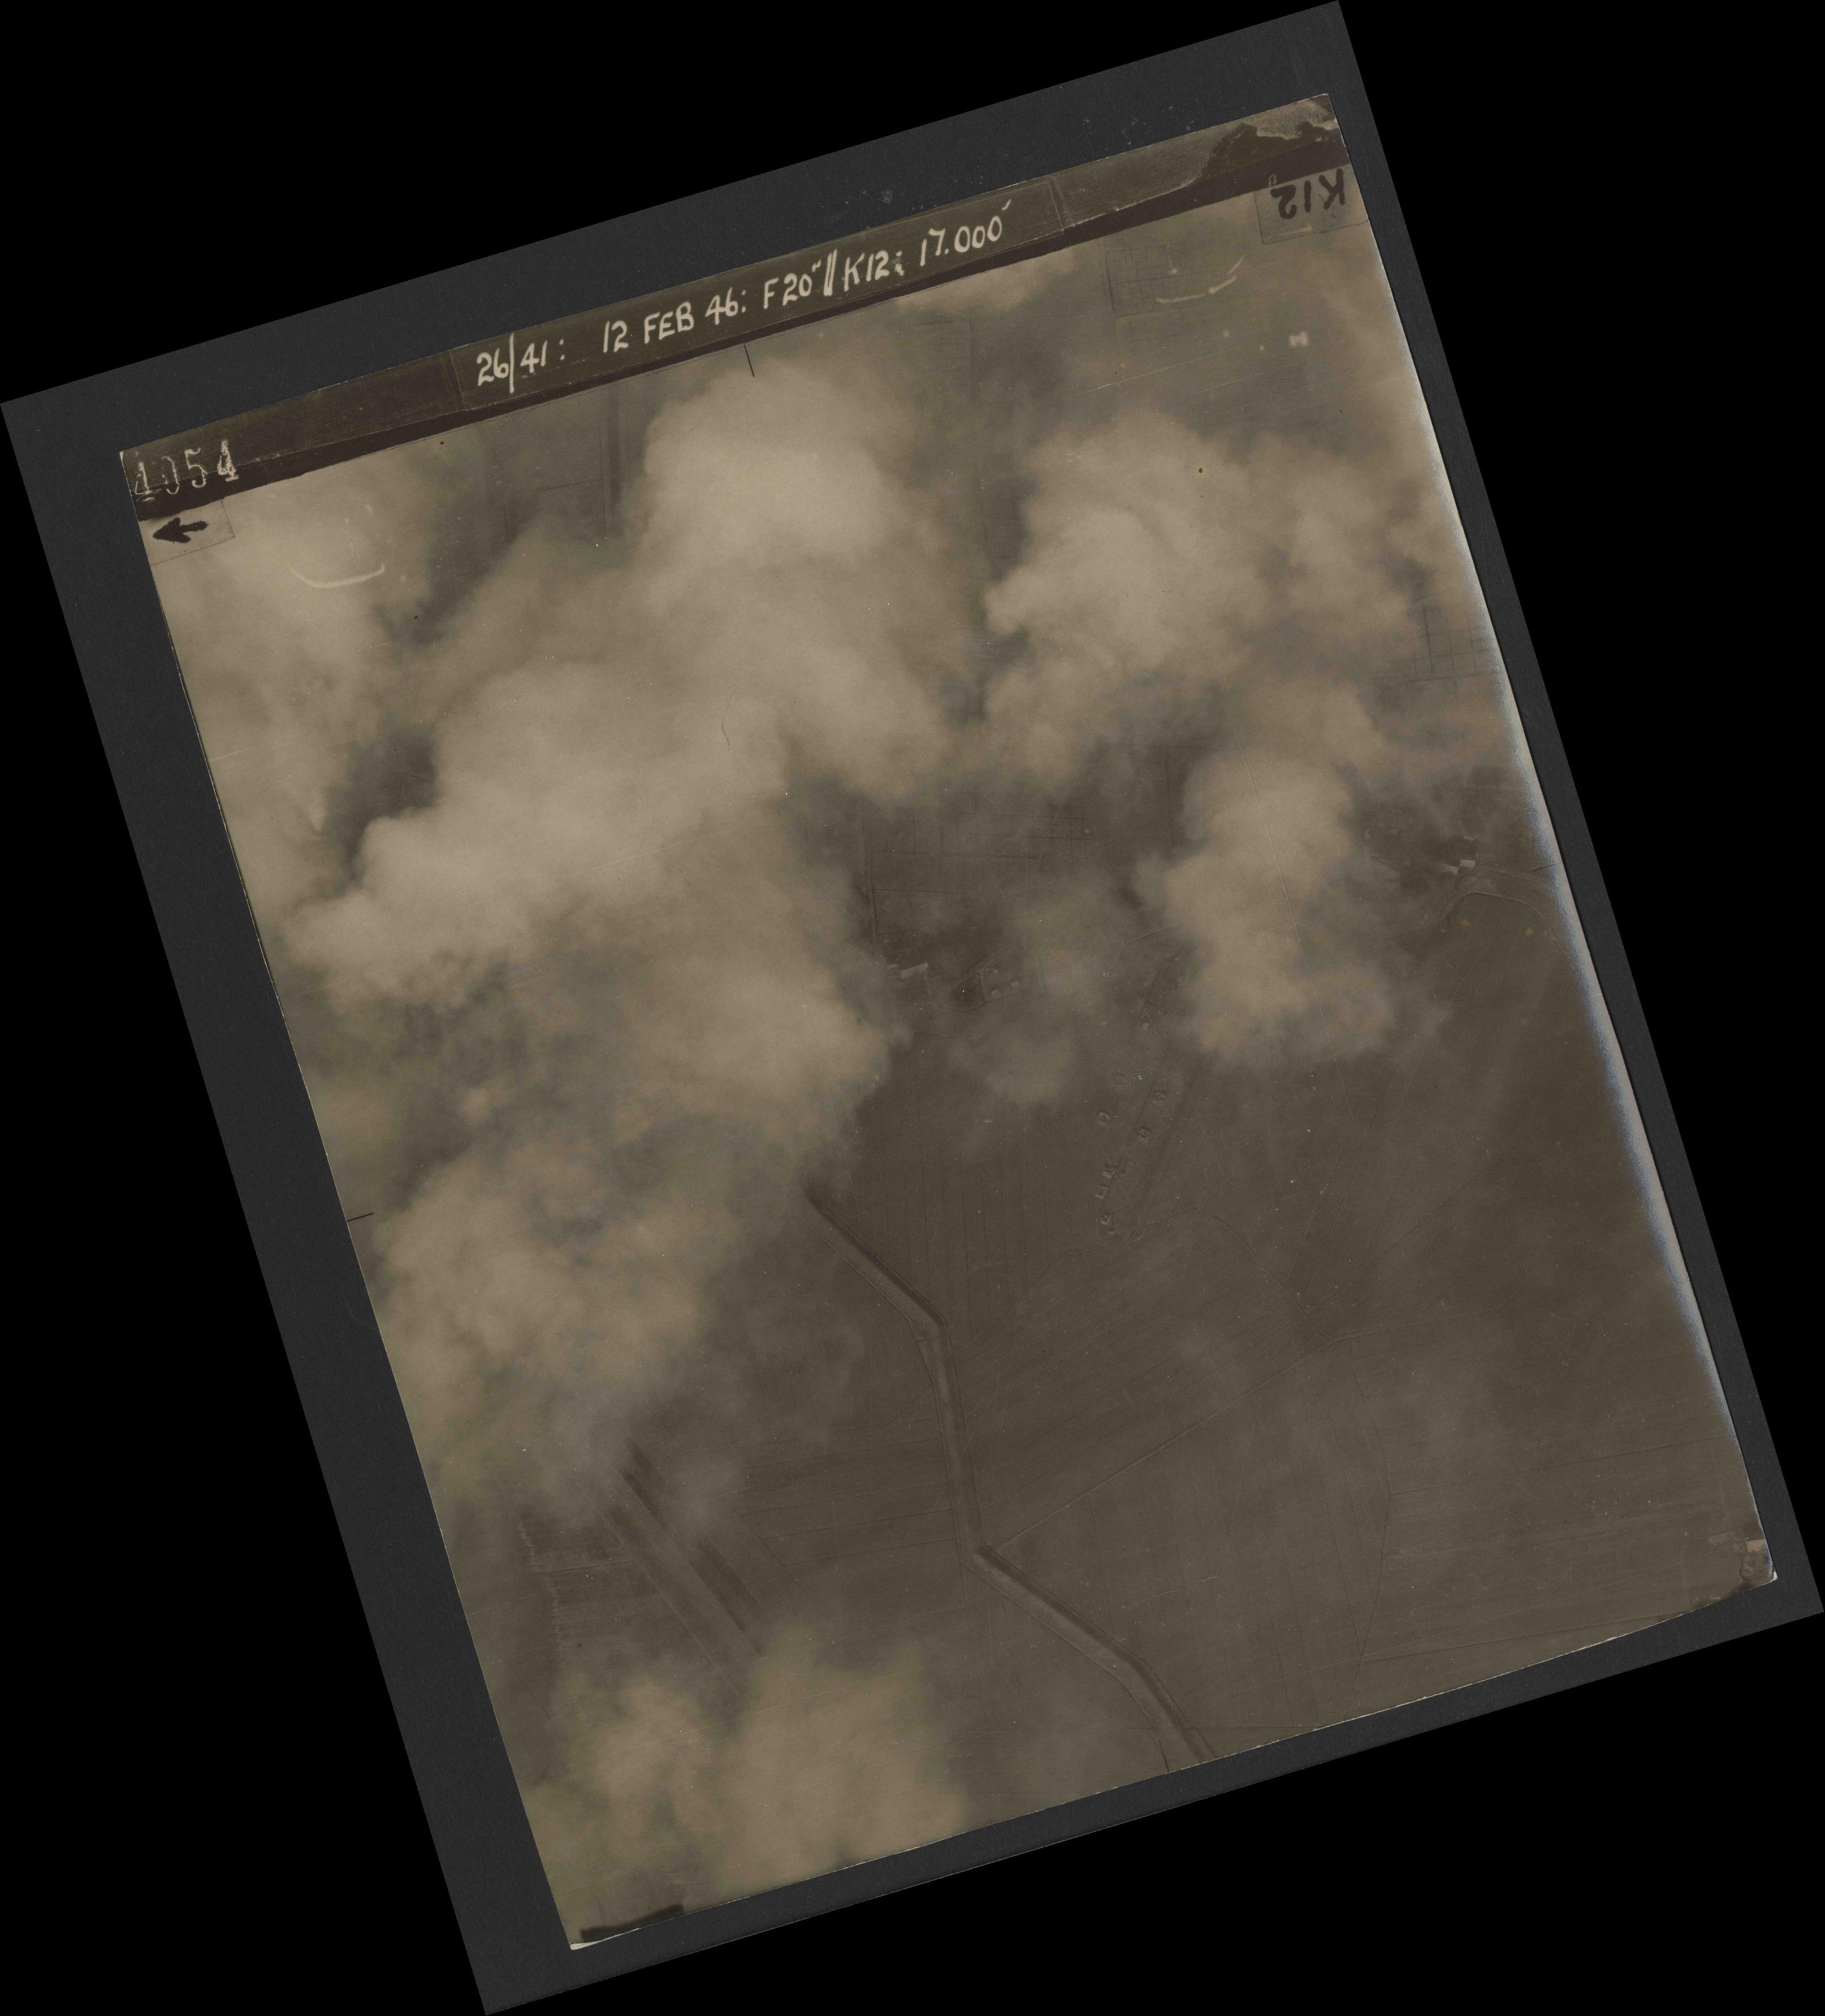 Collection RAF aerial photos 1940-1945 - flight 212, run 06, photo 4054